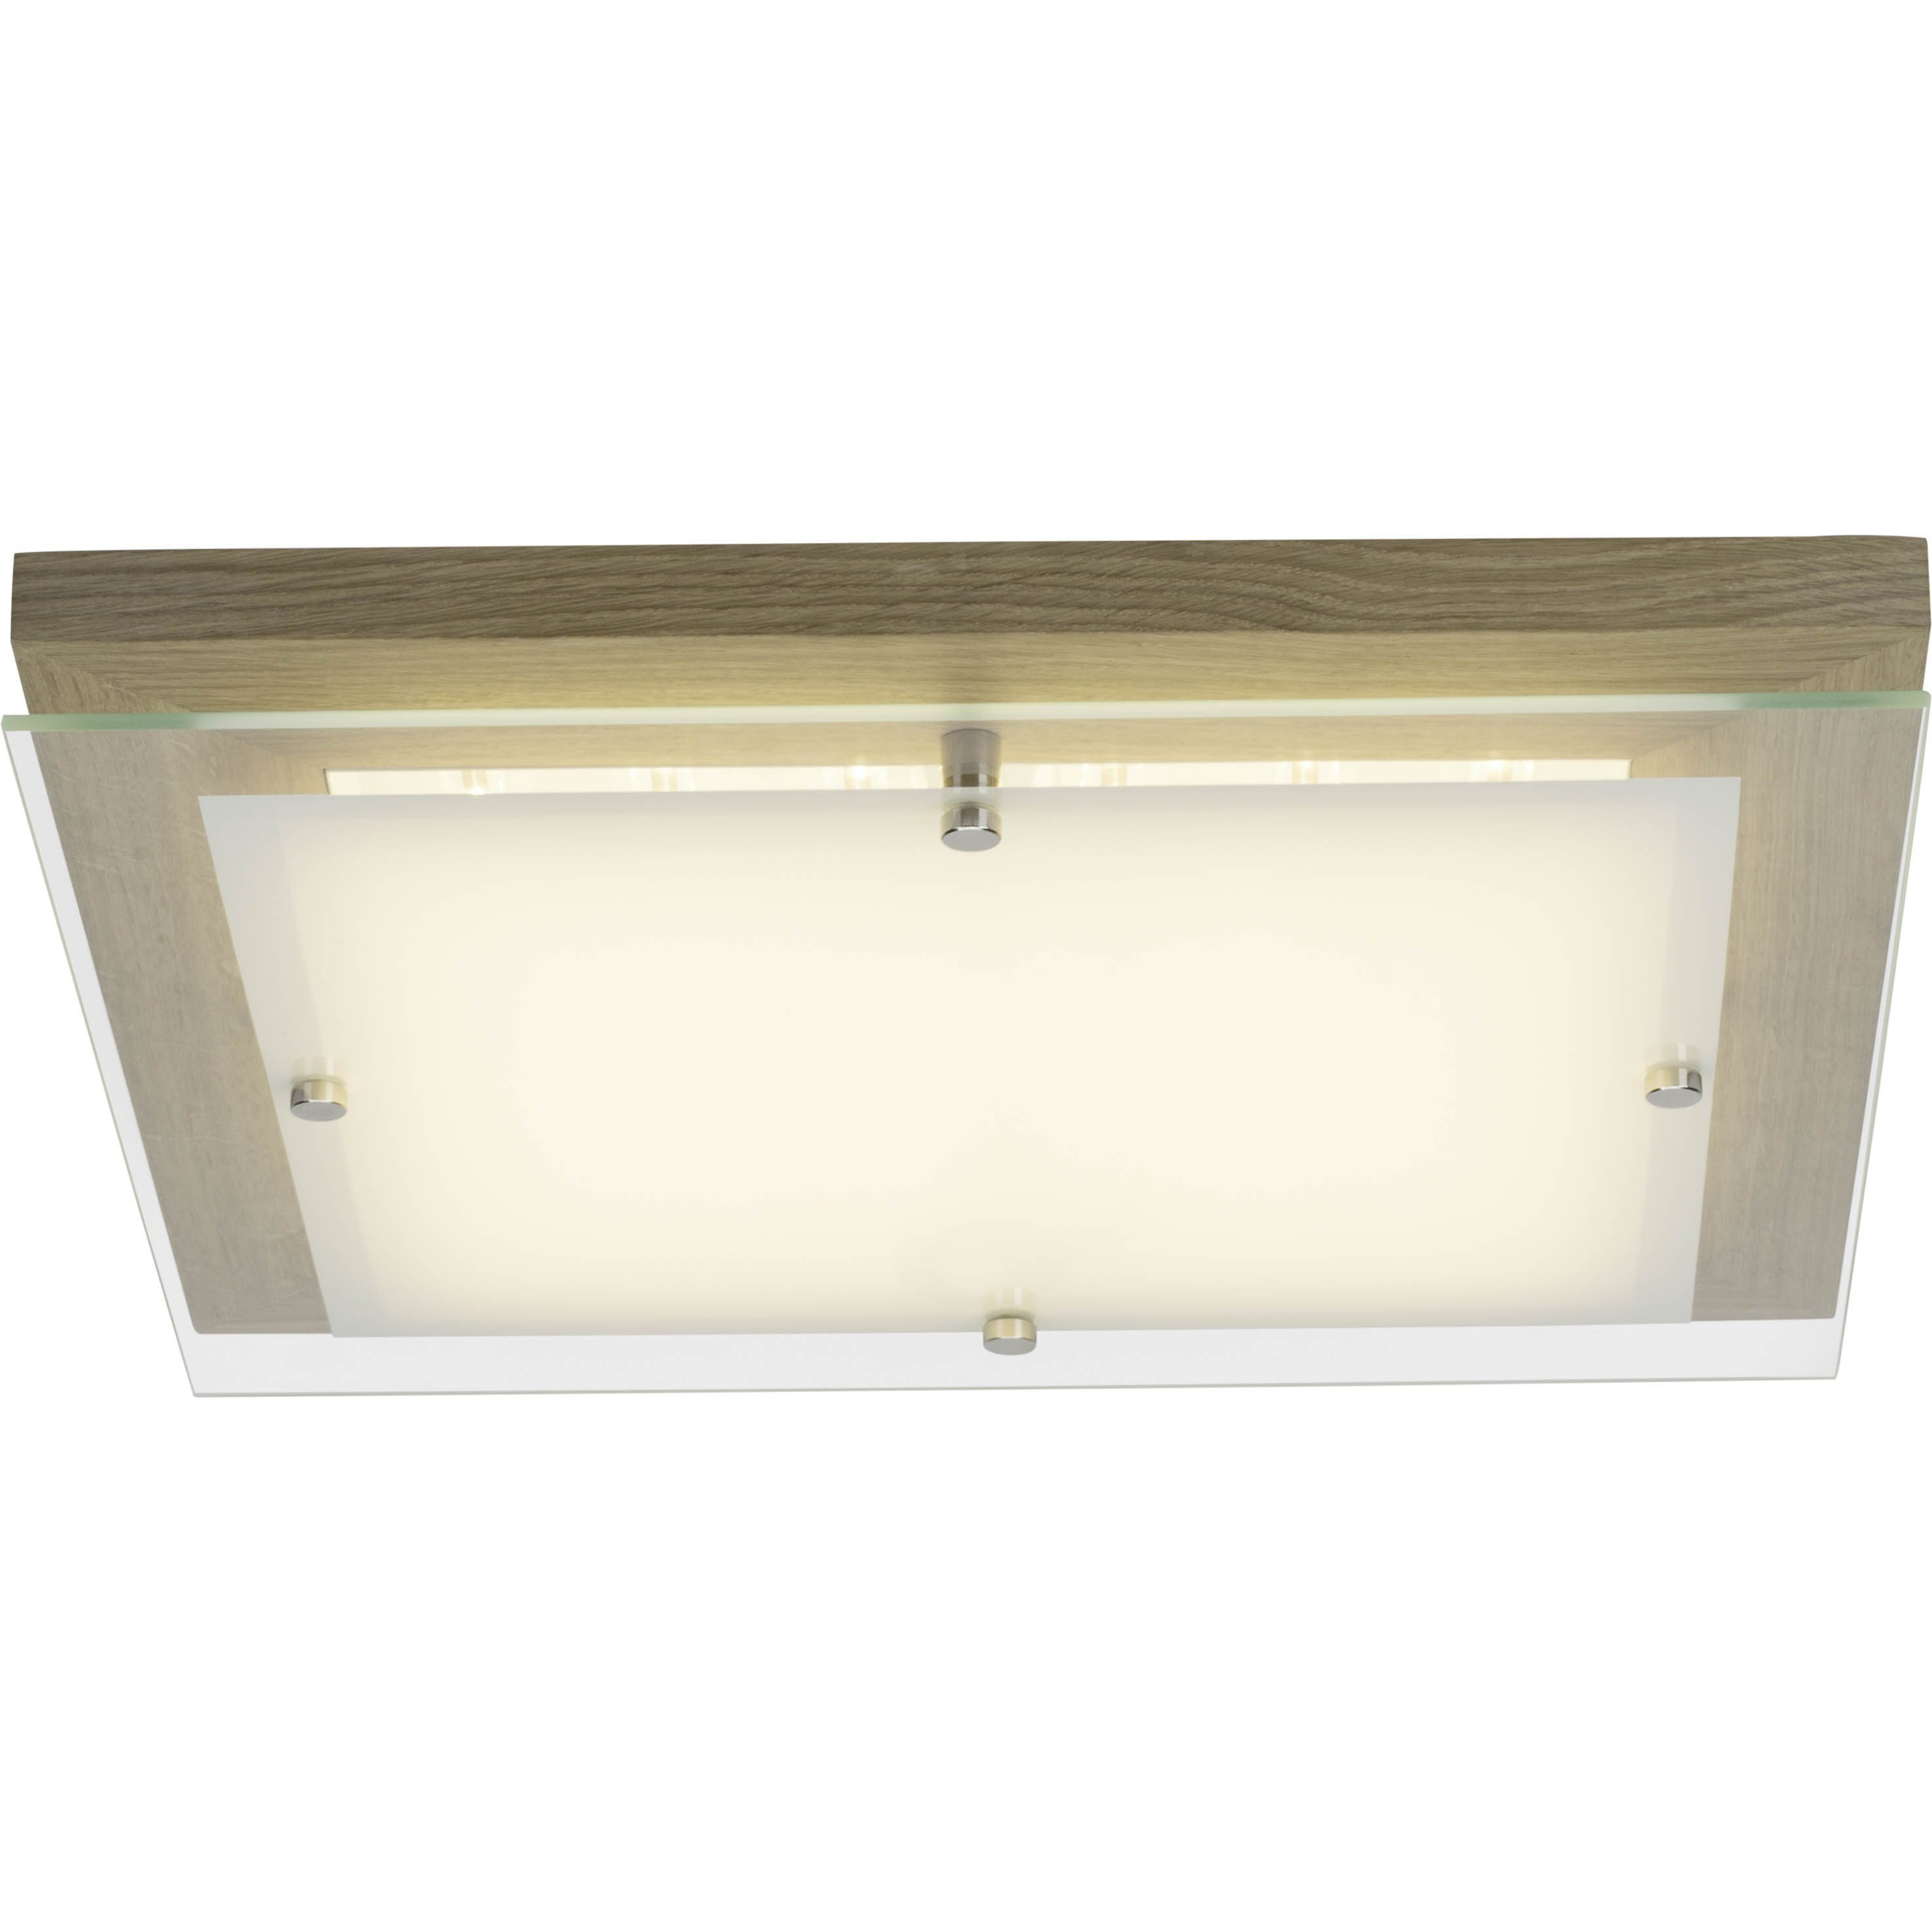 Brilliant Leuchten Hardwood LED Wand- und Deckenleuchte 40x40cm eiche/weiß